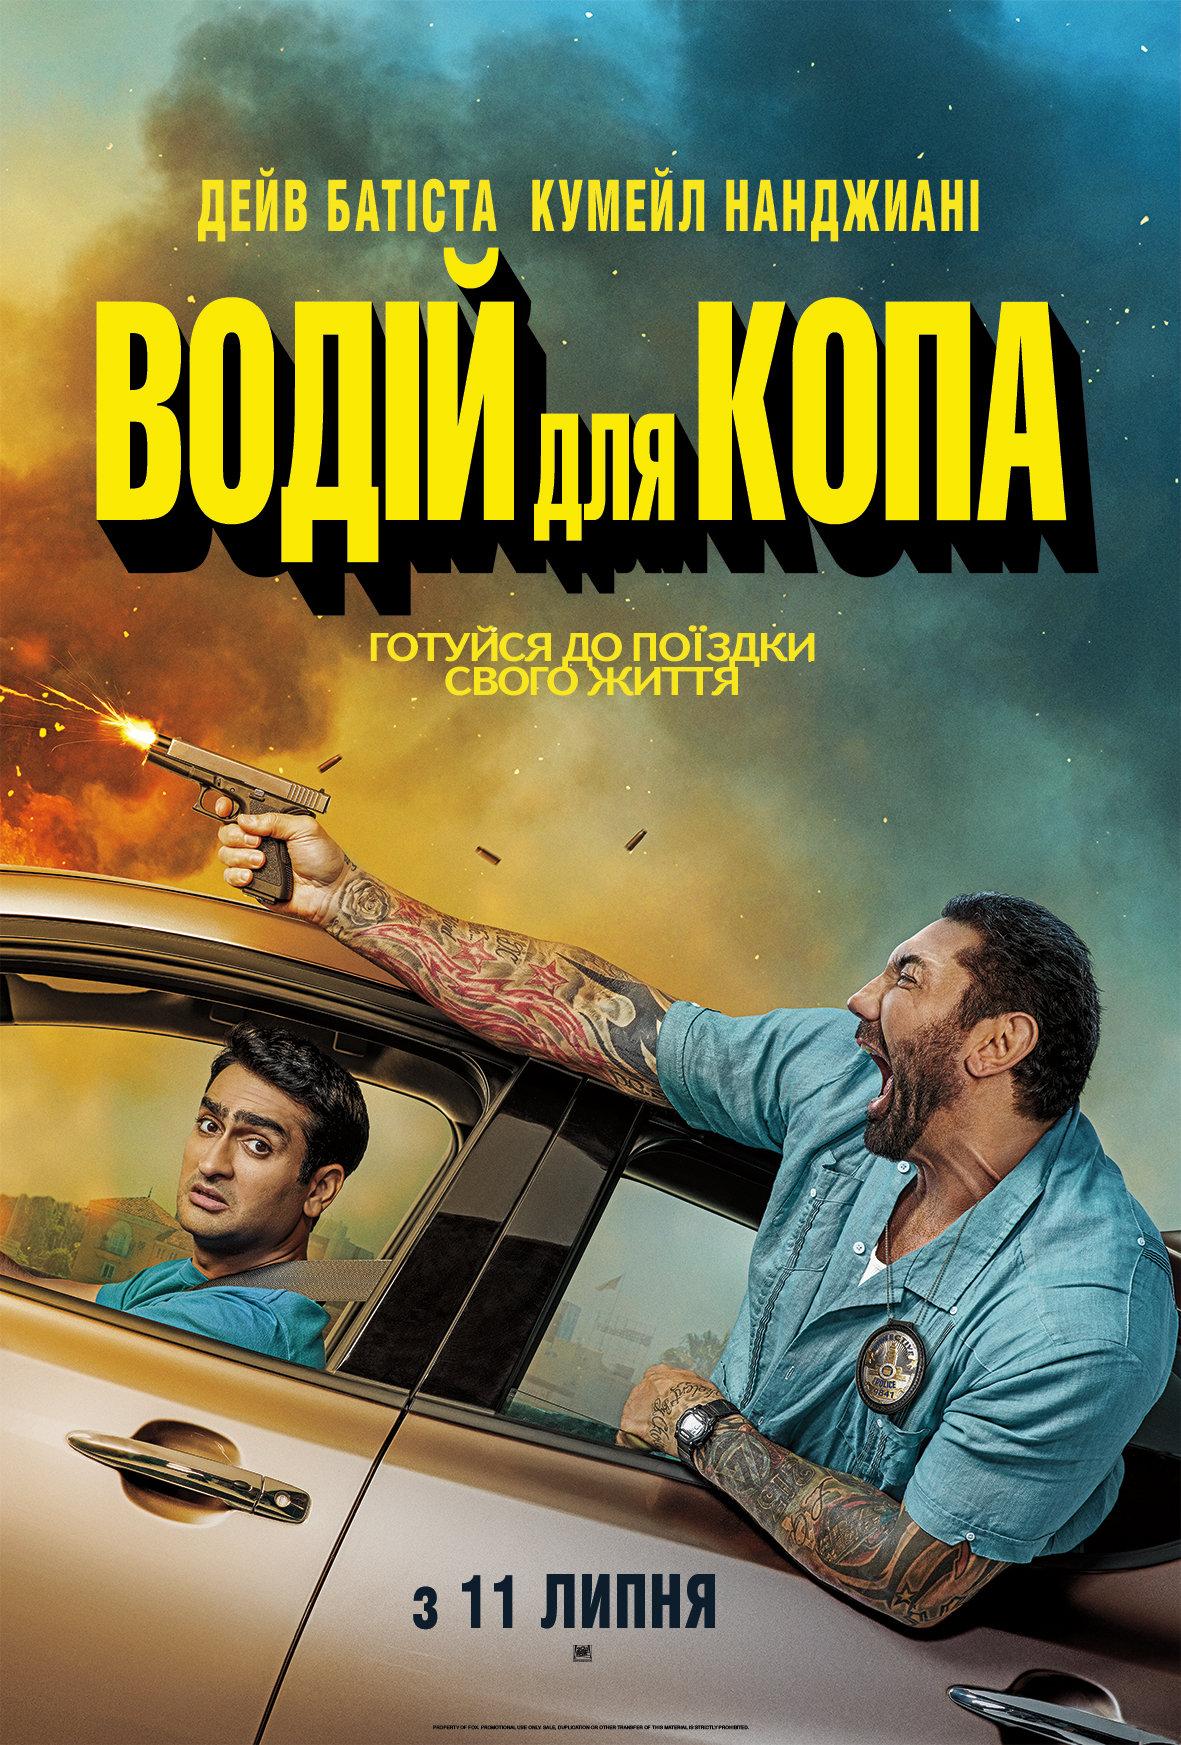 Какие фильмы выйдут в кинотеатрах Днепра, - ТРЕЙЛЕРЫ, фото-2